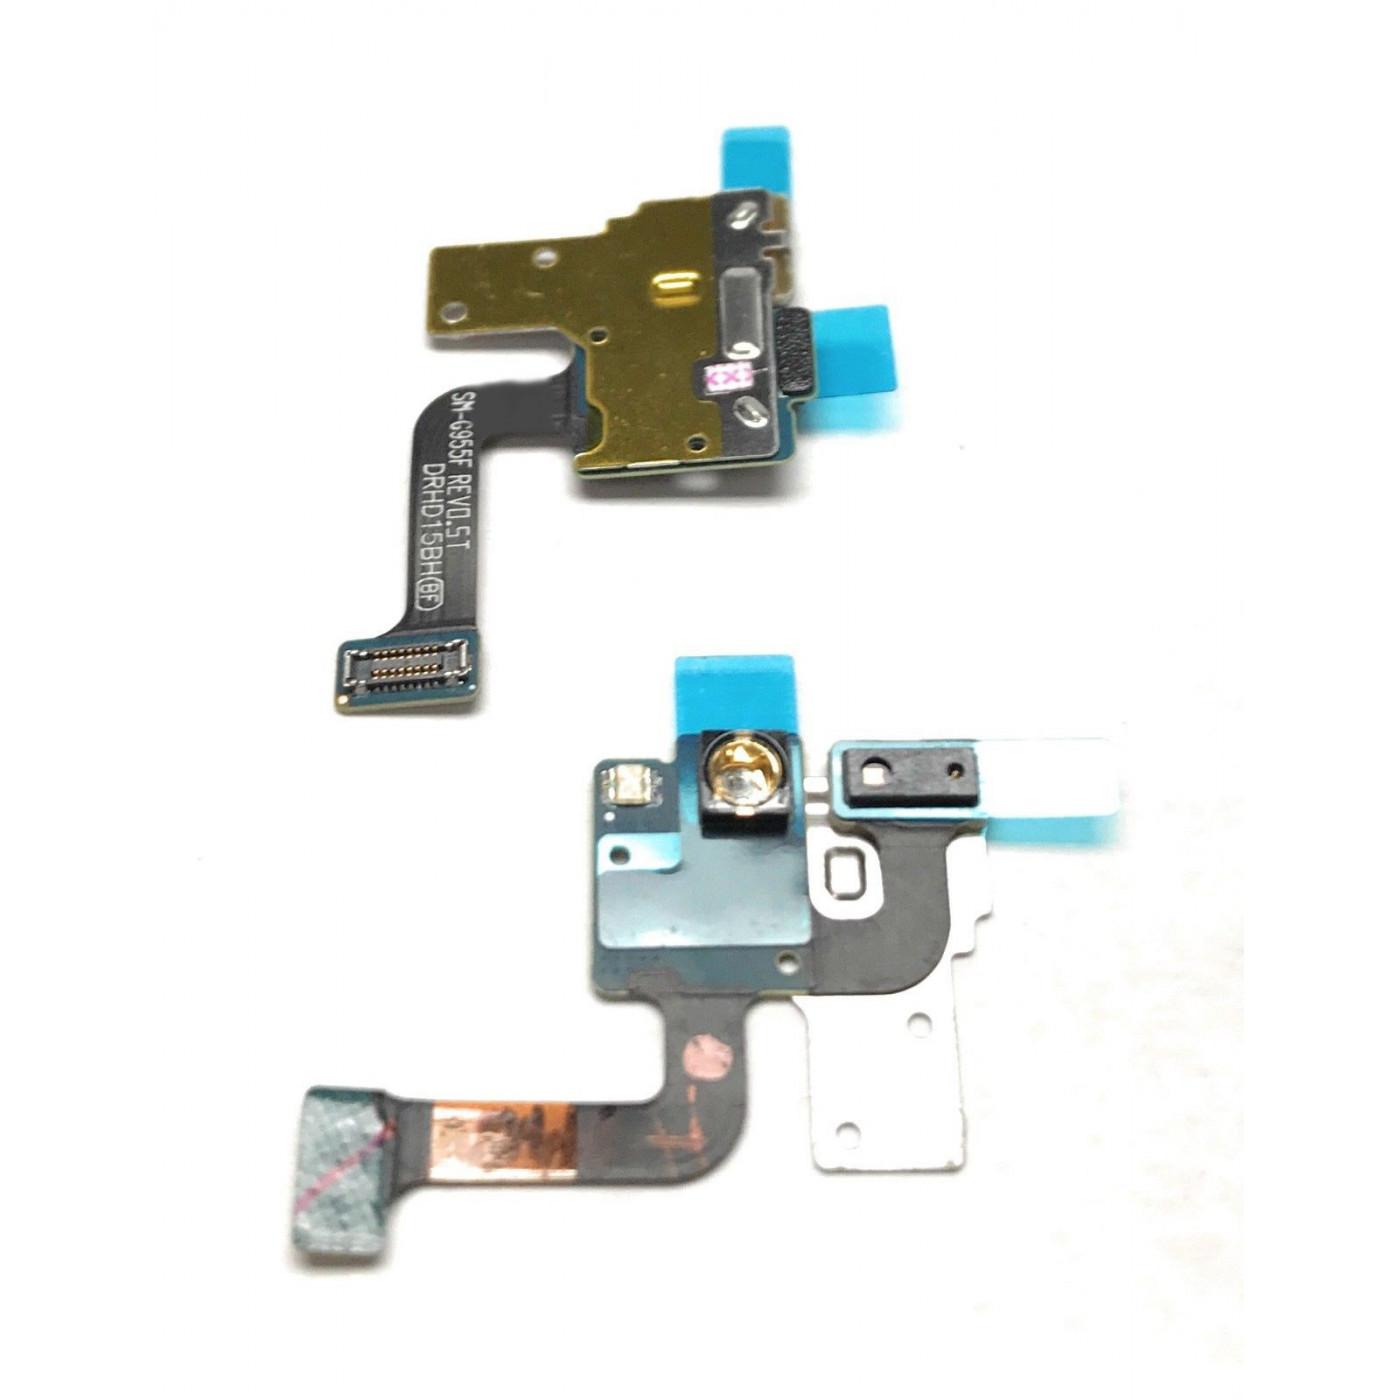 Flat flex sensore prossimita Samsung Galaxy S8 G950F / S8+ G955F luce chiamata